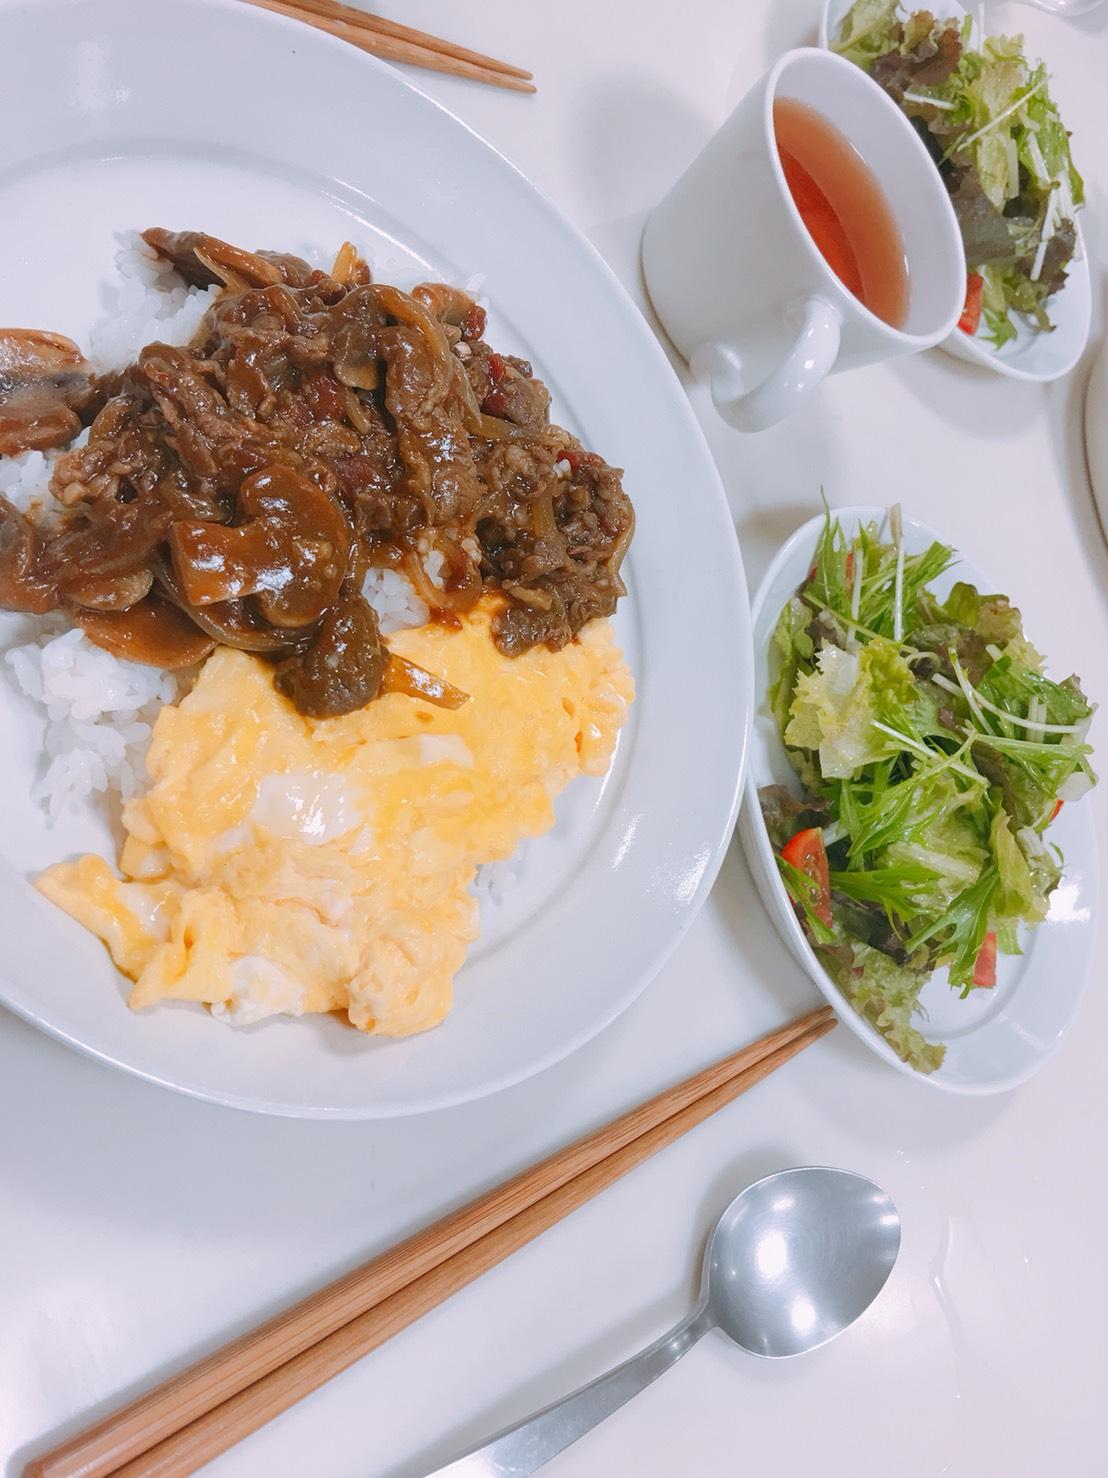 【500円でお料理教室!】美味しくて簡単オムハヤシとグリーンサラダ♡